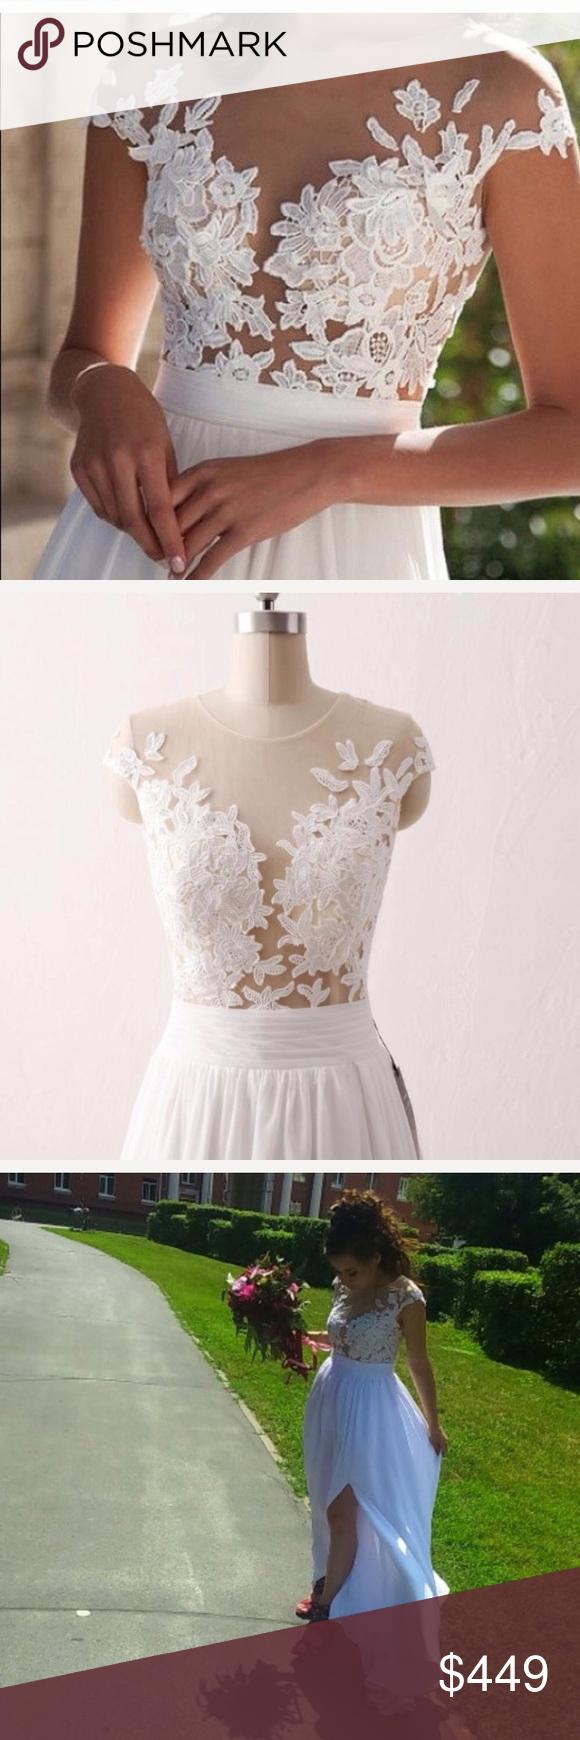 Request a sizeboho wedding dress boutique